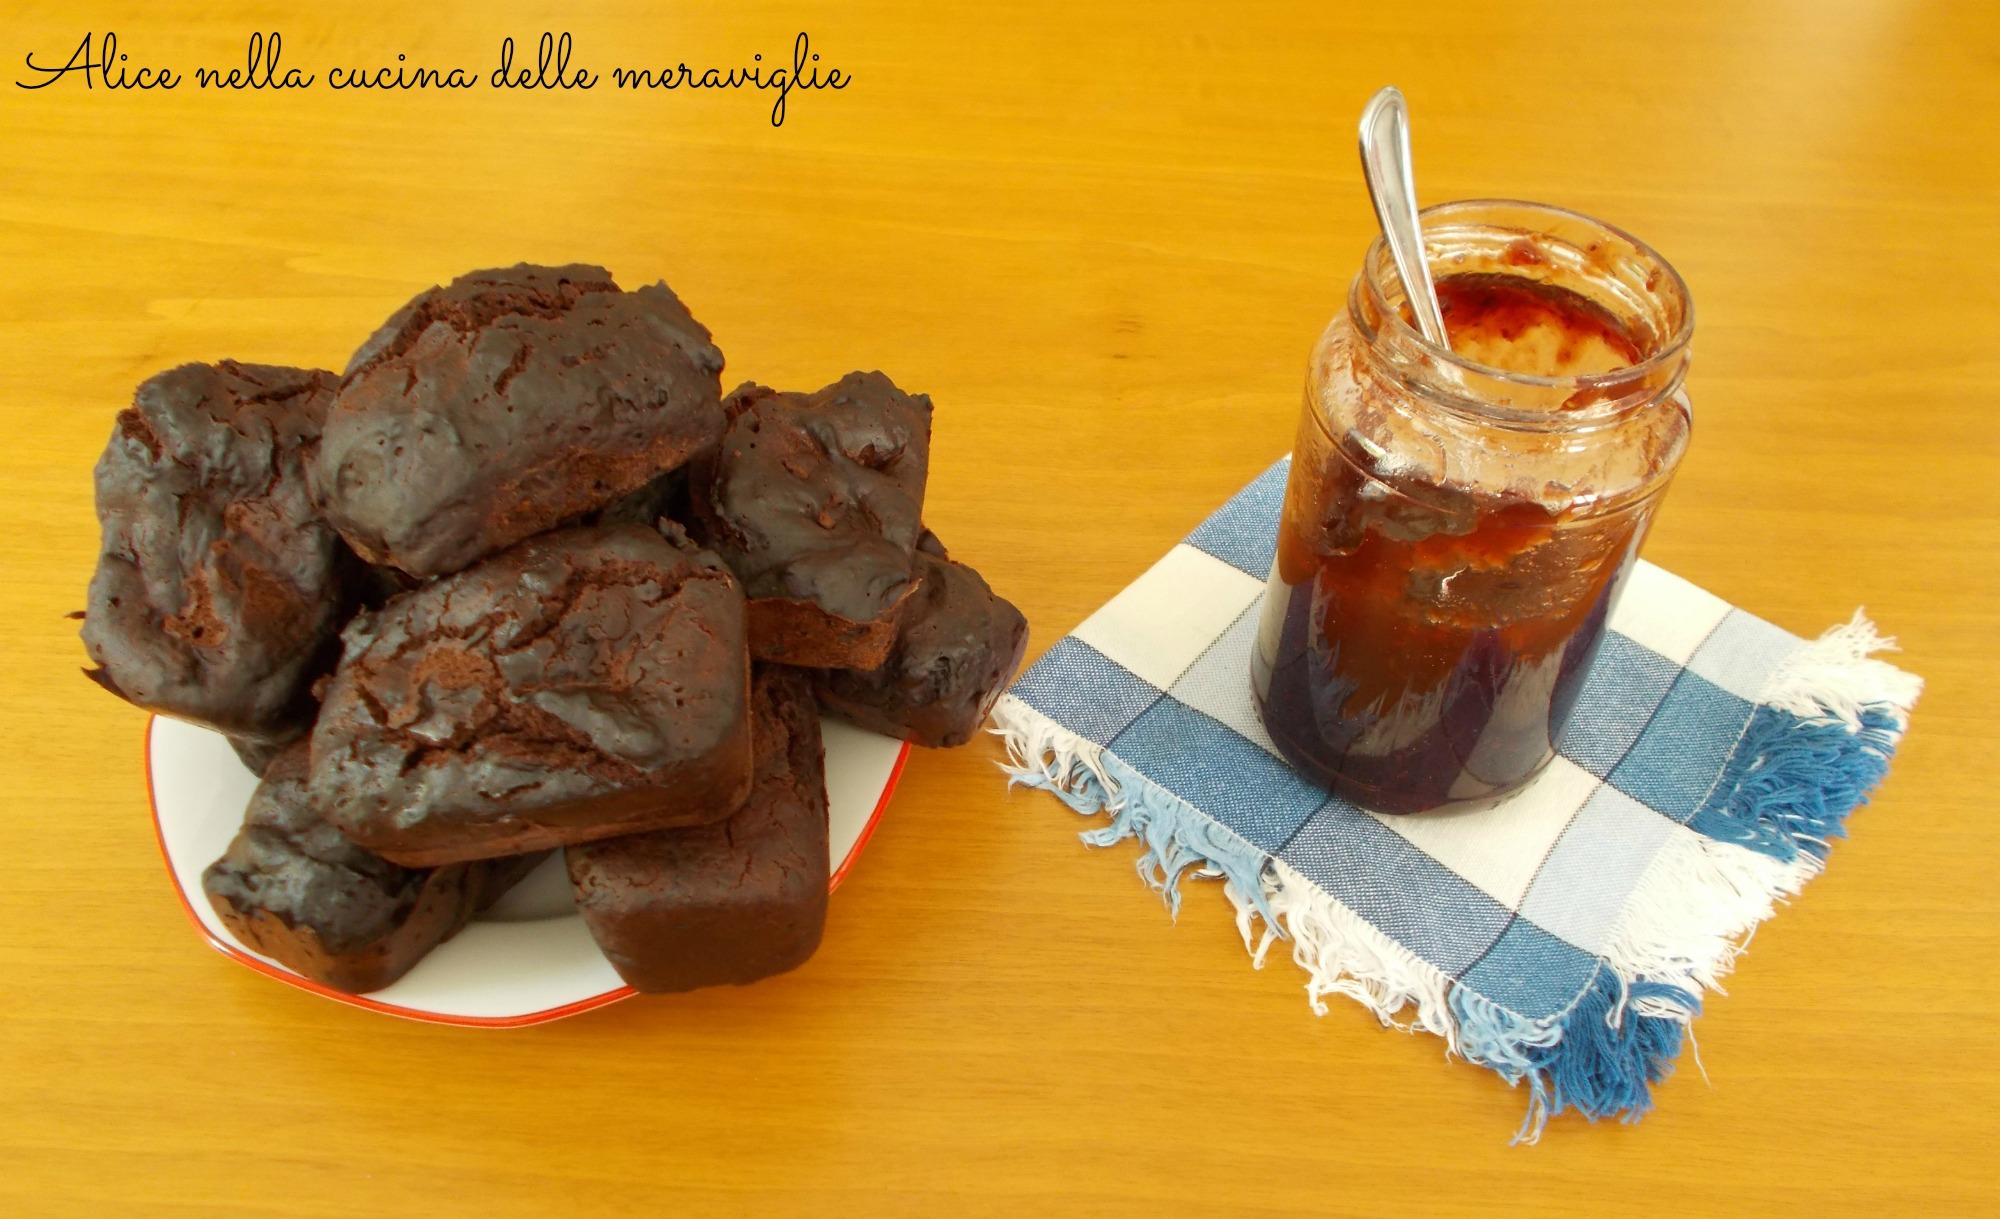 Mini panini al cacao con Stevia Ricetta dolce cotto al vapore Senza uova e senza burro Alice nella cucina delle meraviglie